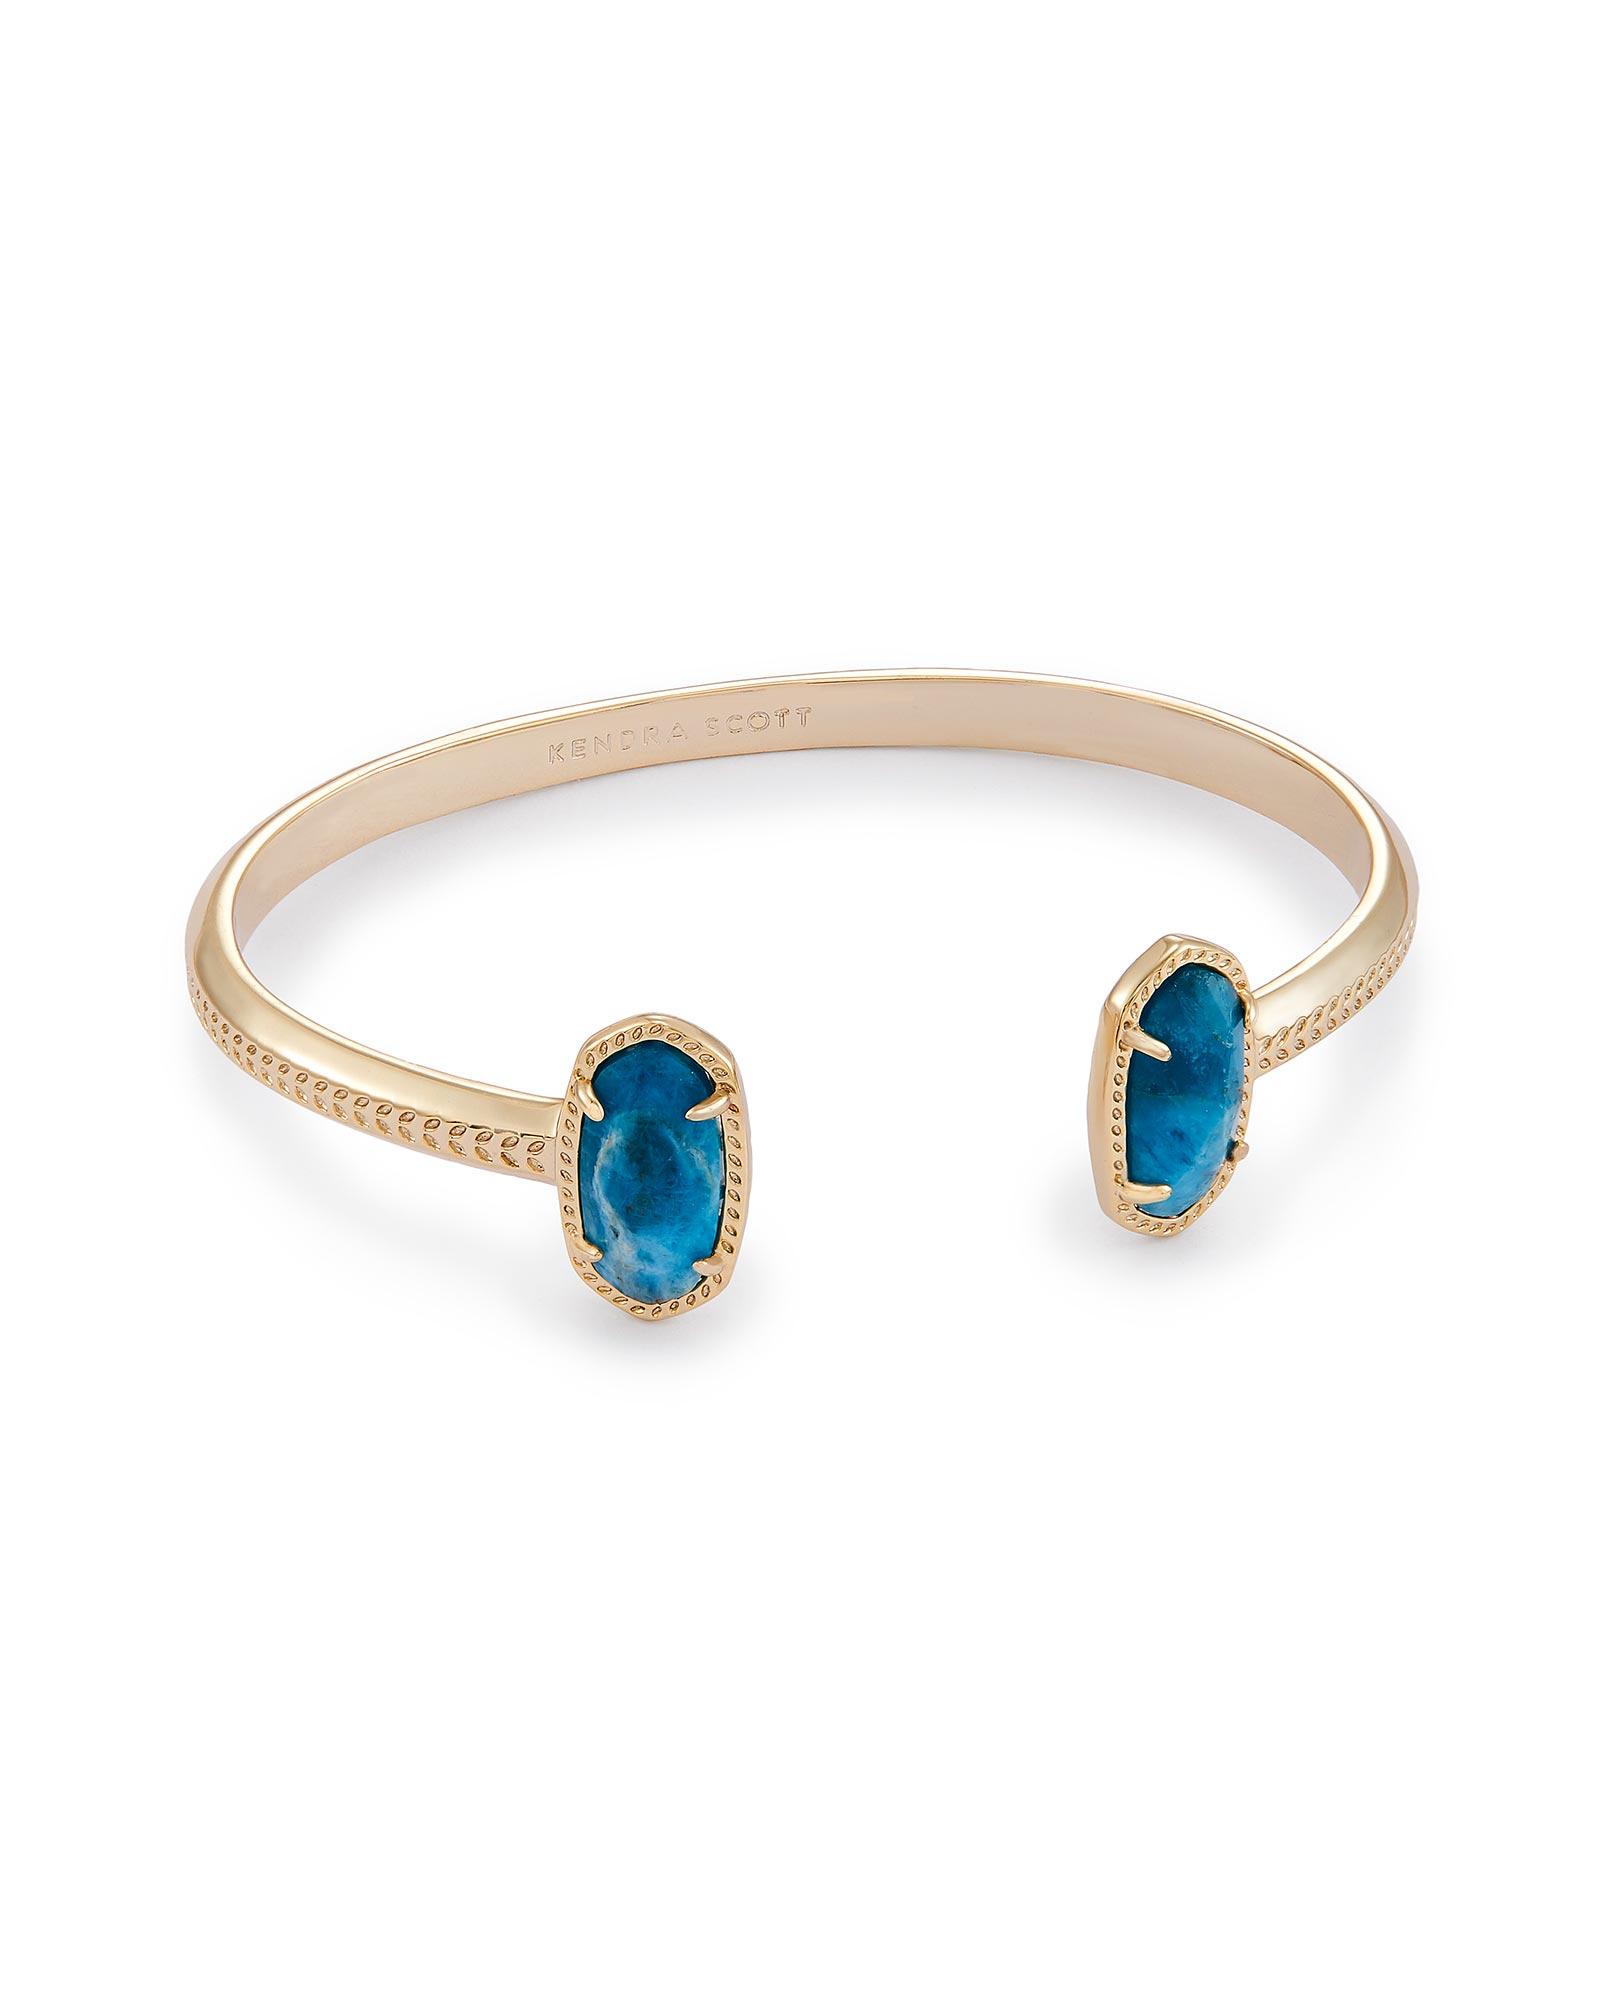 Elton Pinch Bracelet in Aqua Apatite